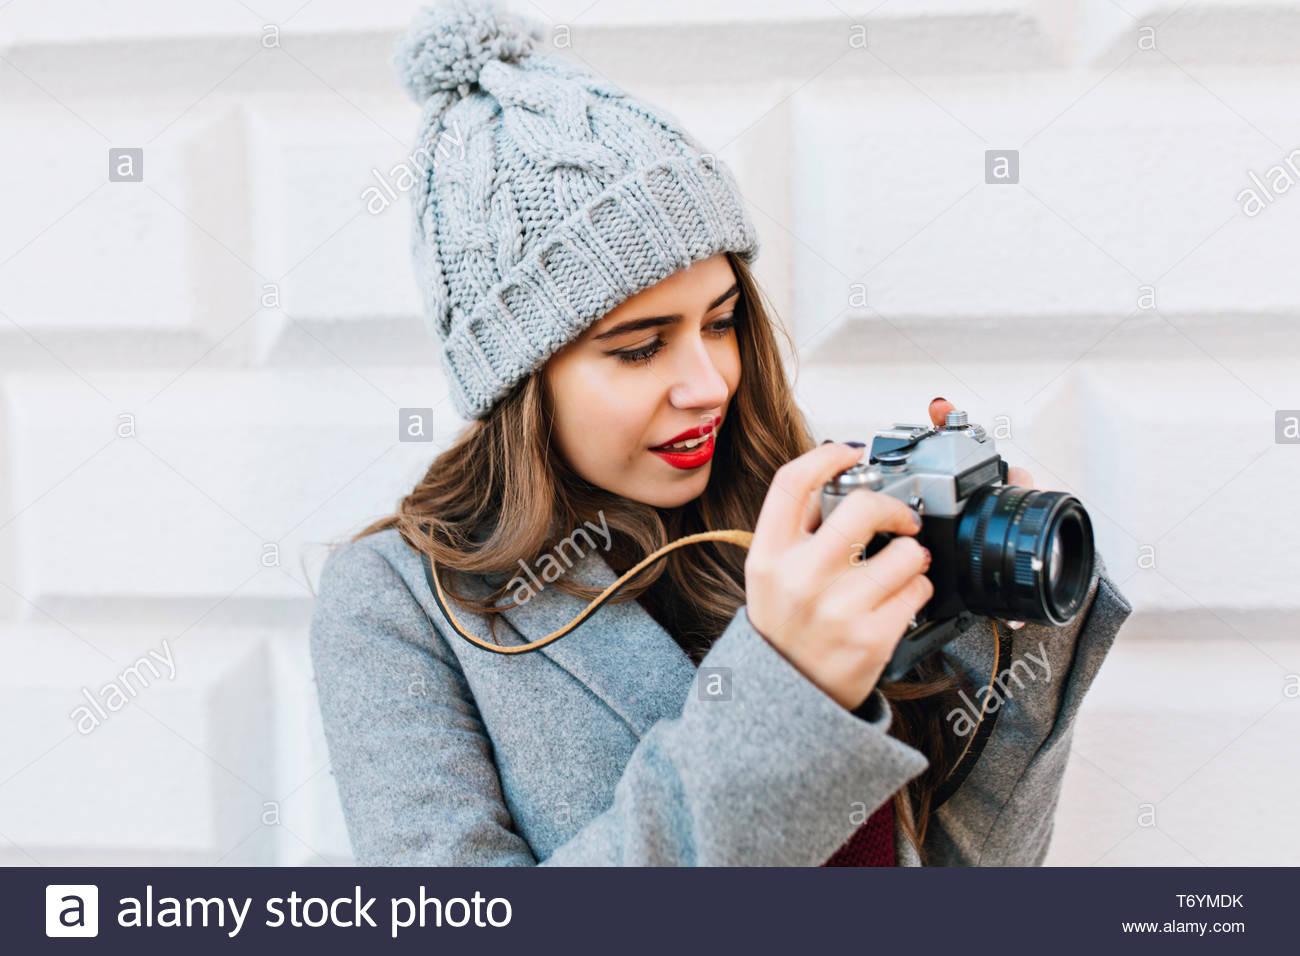 Closeup portrait jeune fille avec de longs cheveux en manteau gris sur fond de mur gris à l'extérieur. Elle est considérée comme l'appareil photo dans les mains Banque D'Images